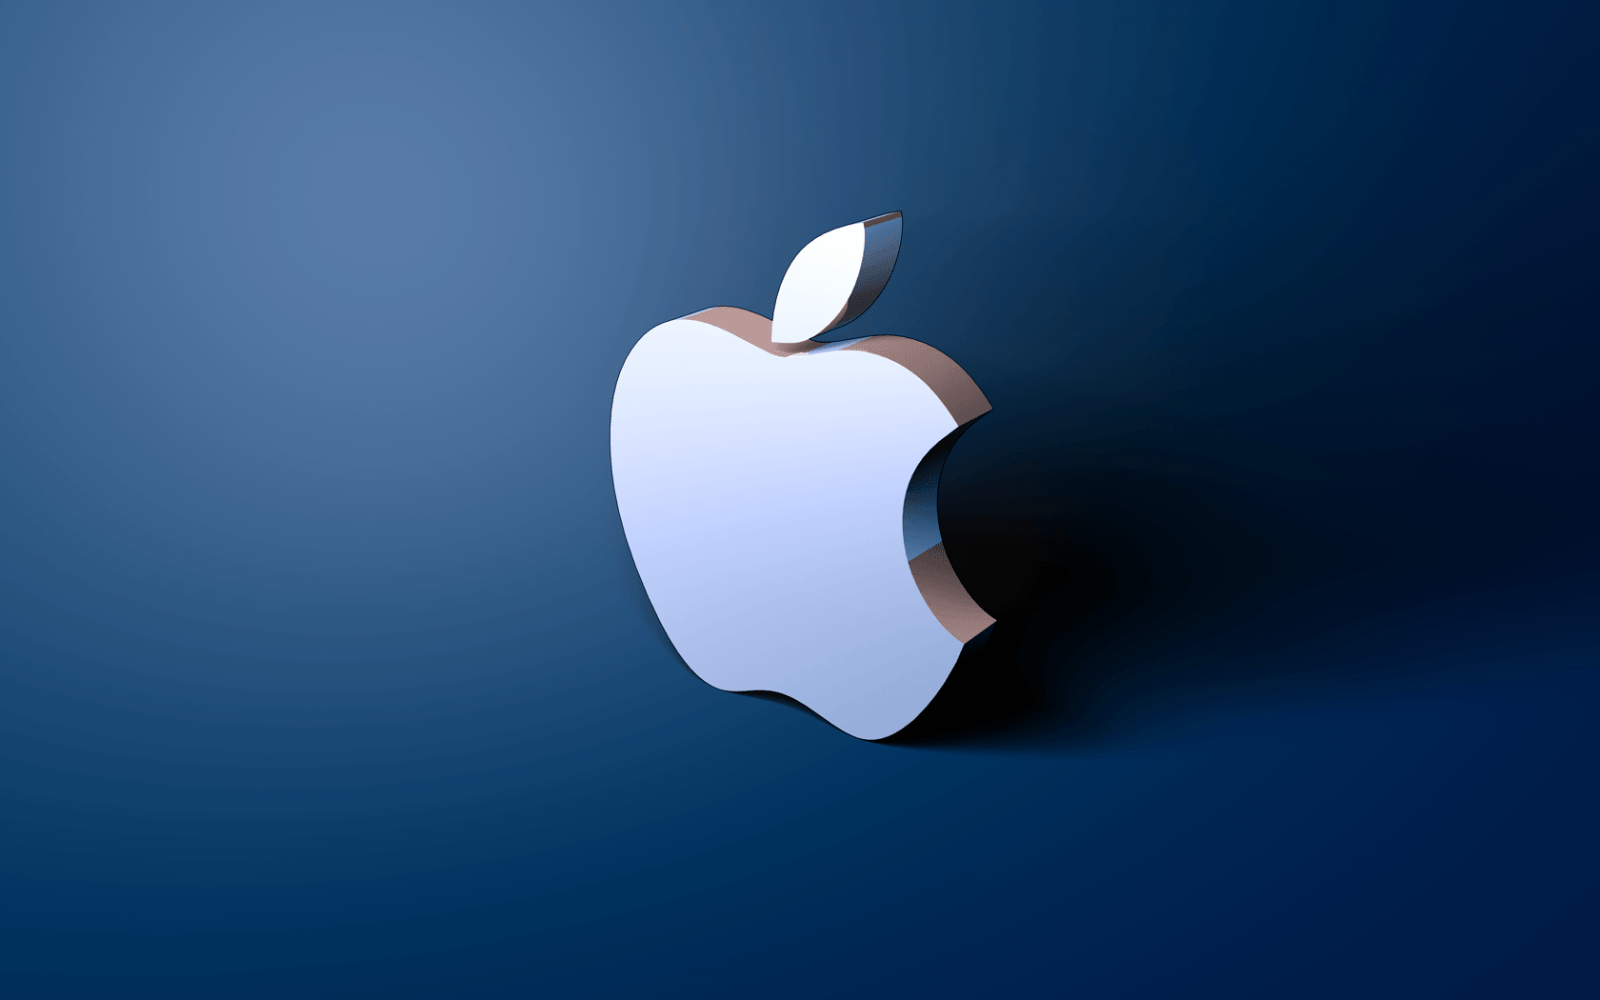 Беспилотная система автомобиля будет протестирована Apple с использованием VR технологий